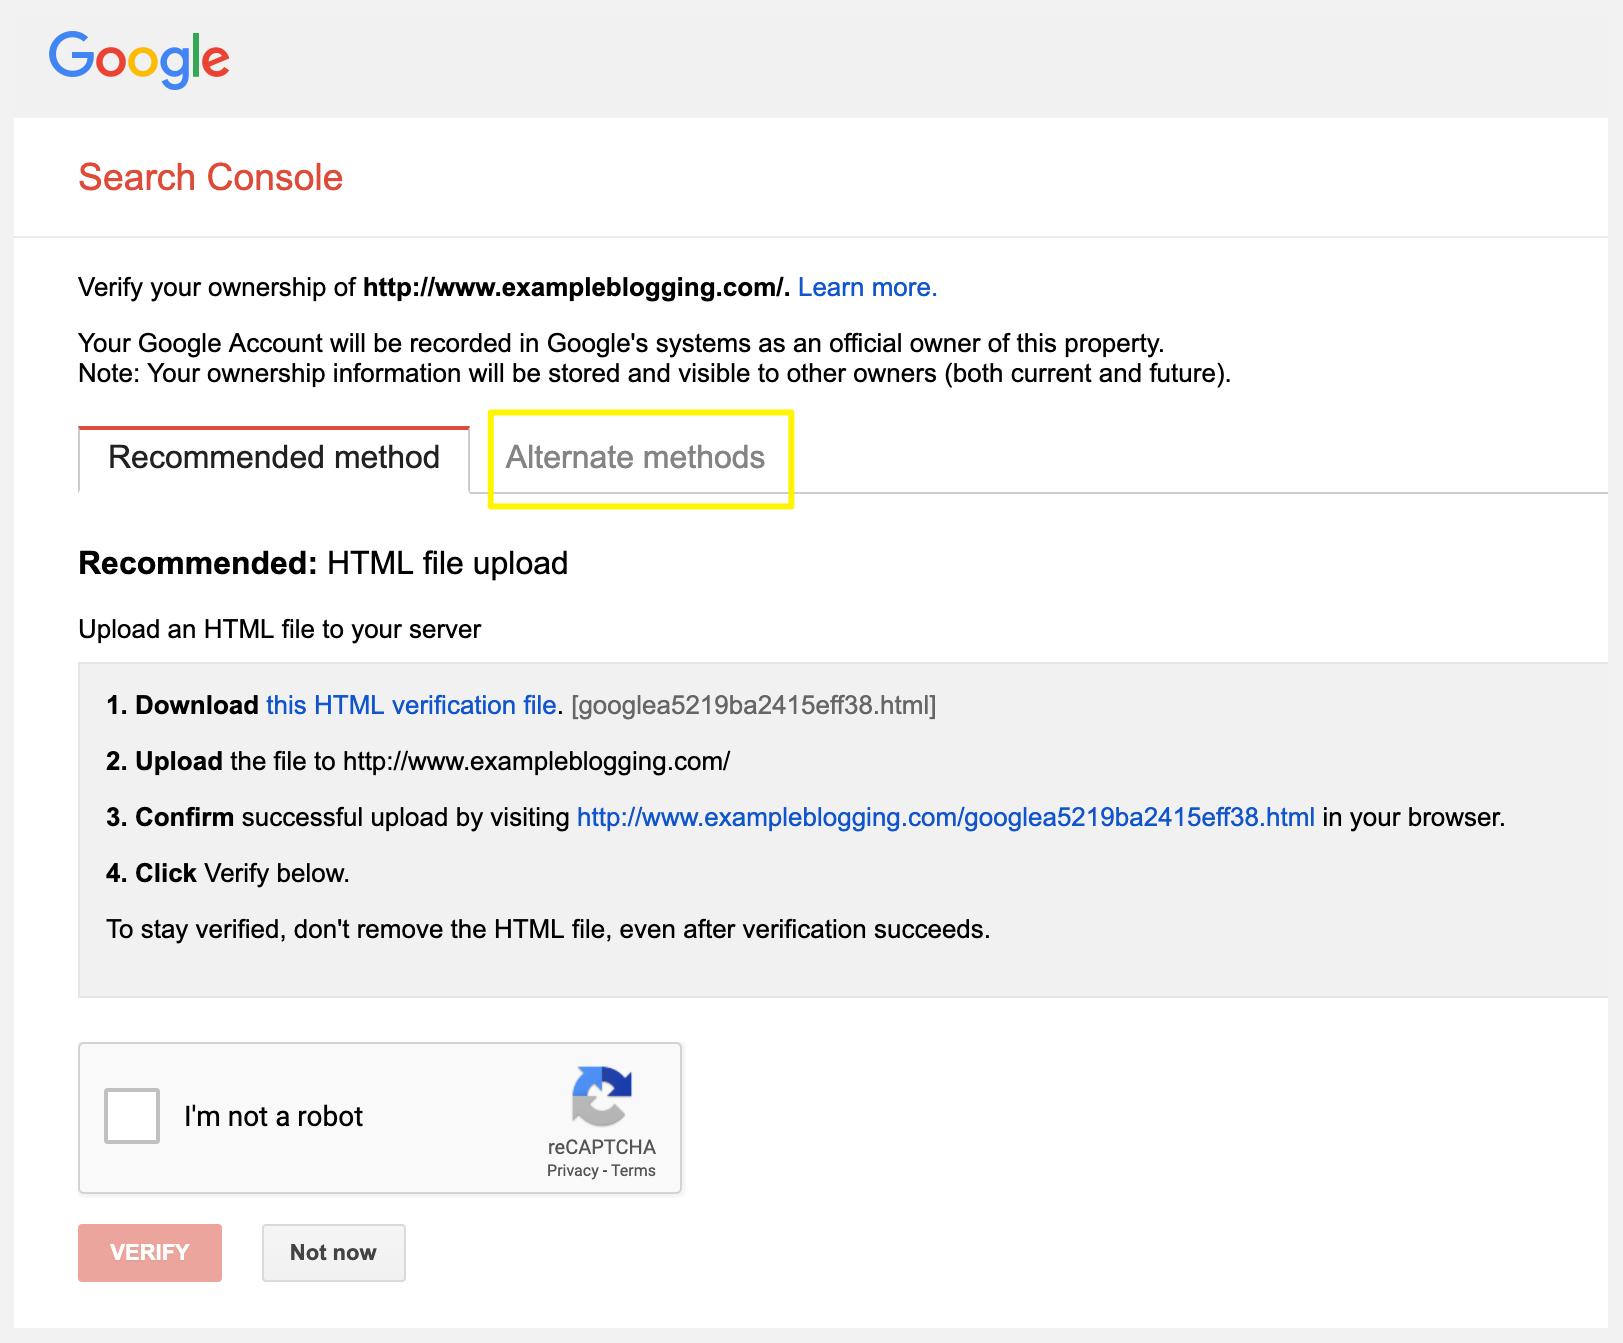 google-search-console-verify-seo